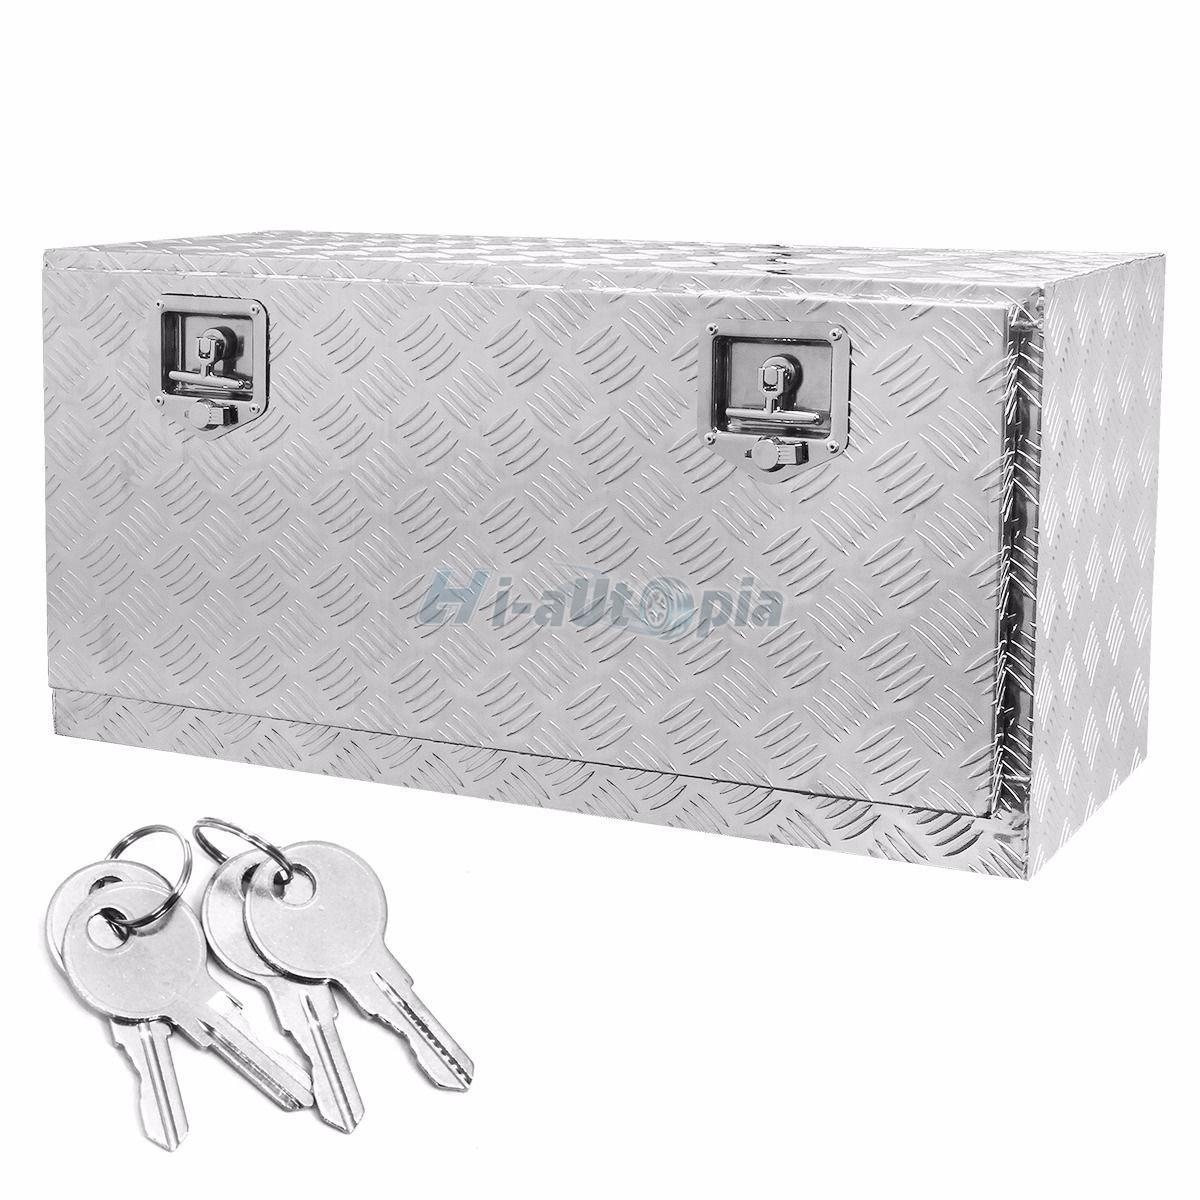 new 36 u0026quot  aluminum underbody tool box truck storage toolbox w  lock 5 bar silver